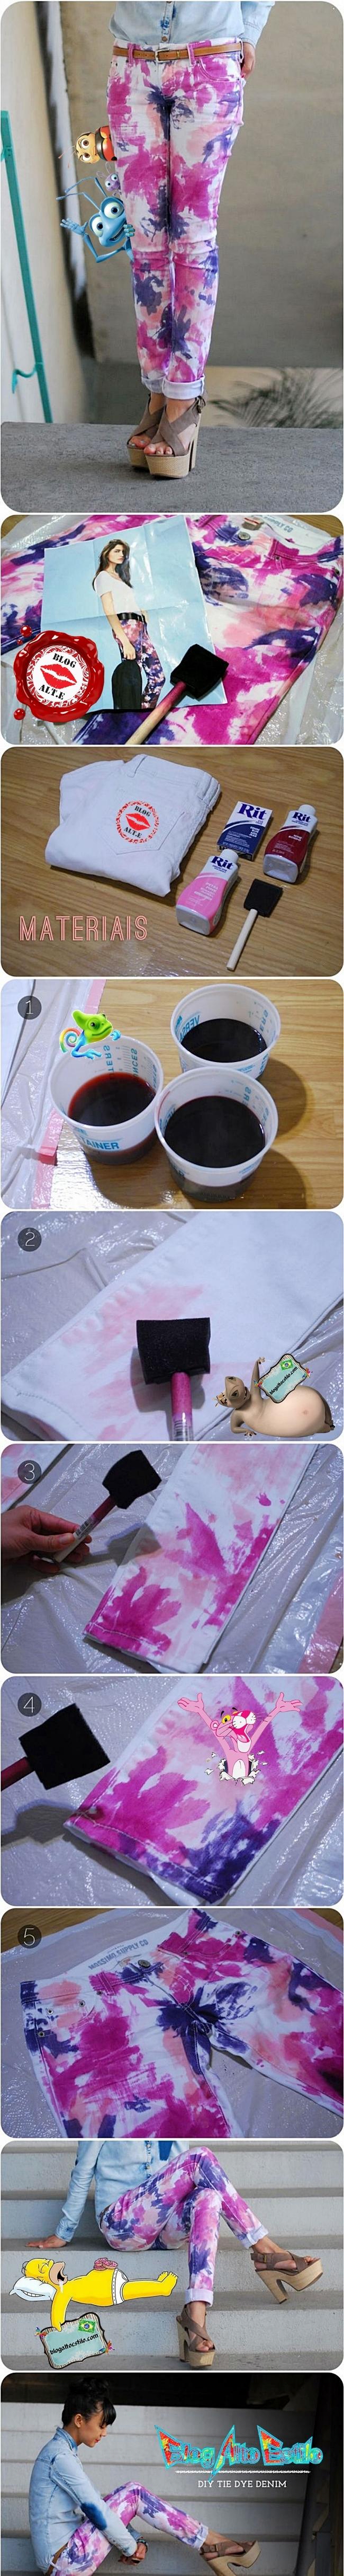 Tecnica Tie Dye